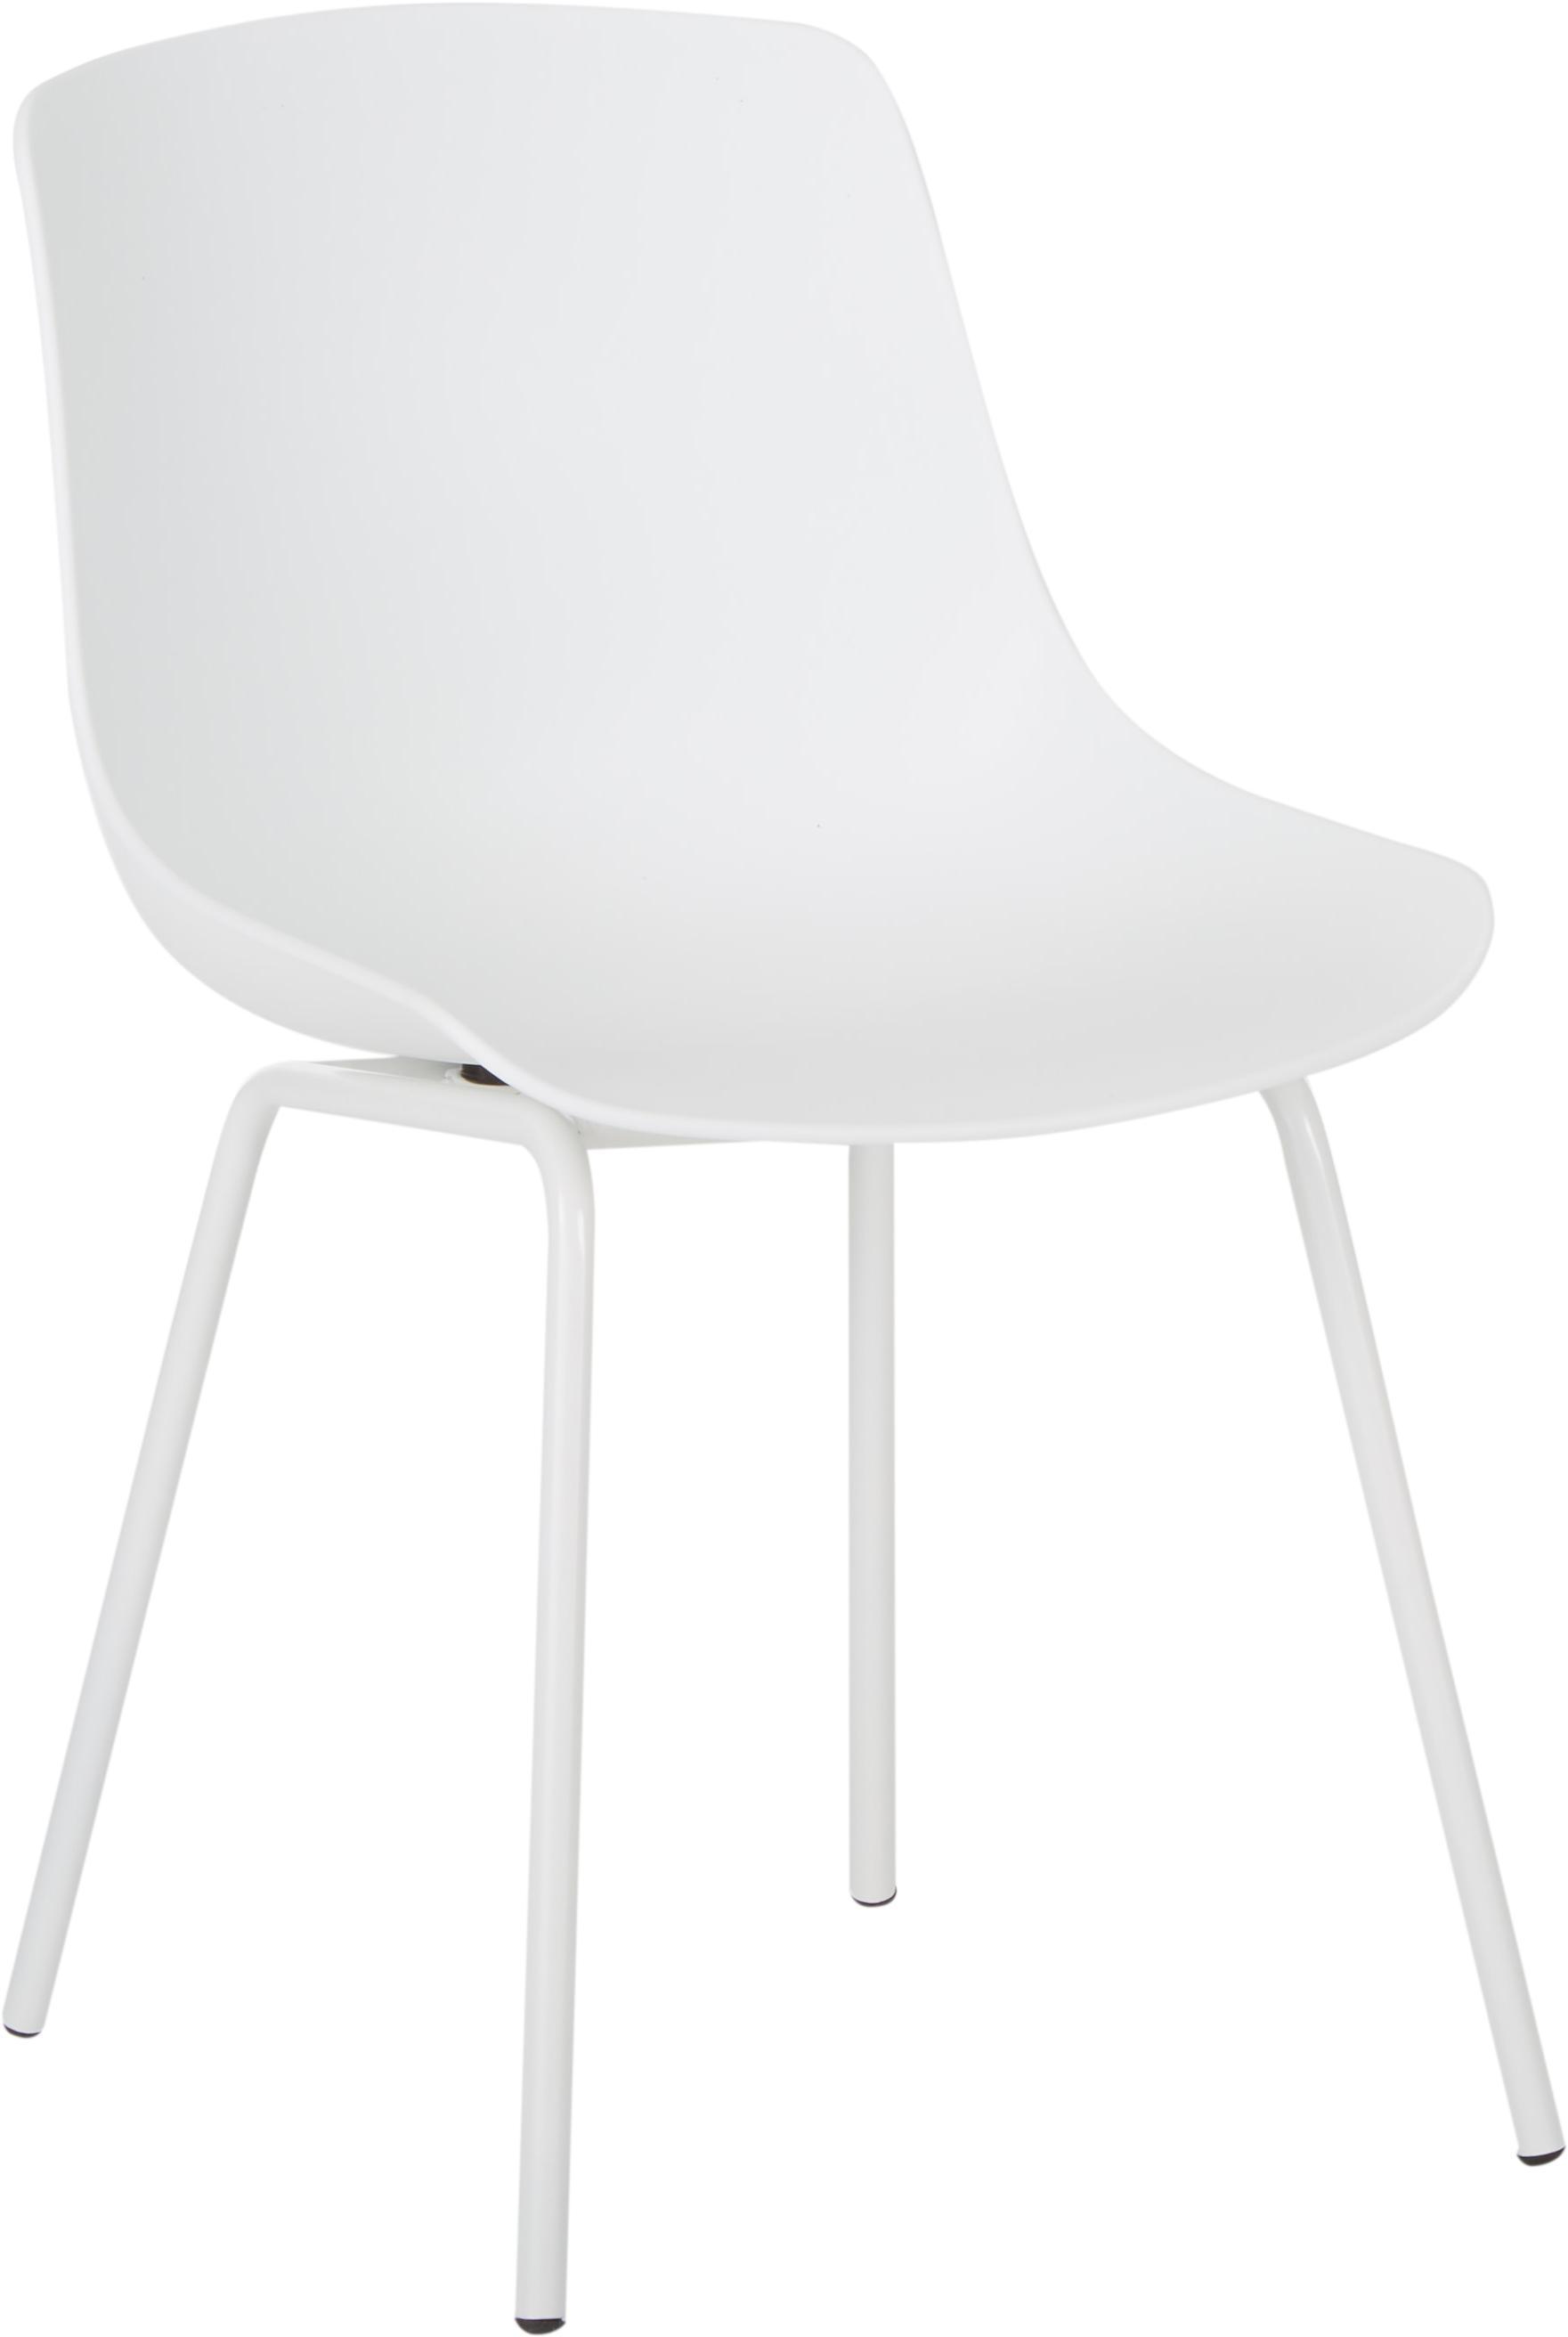 Sillas de plástico Joe, 2uds., Asiento: plástico, Patas: metal con pintura en polv, Blanco, An 46 x F 53 cm